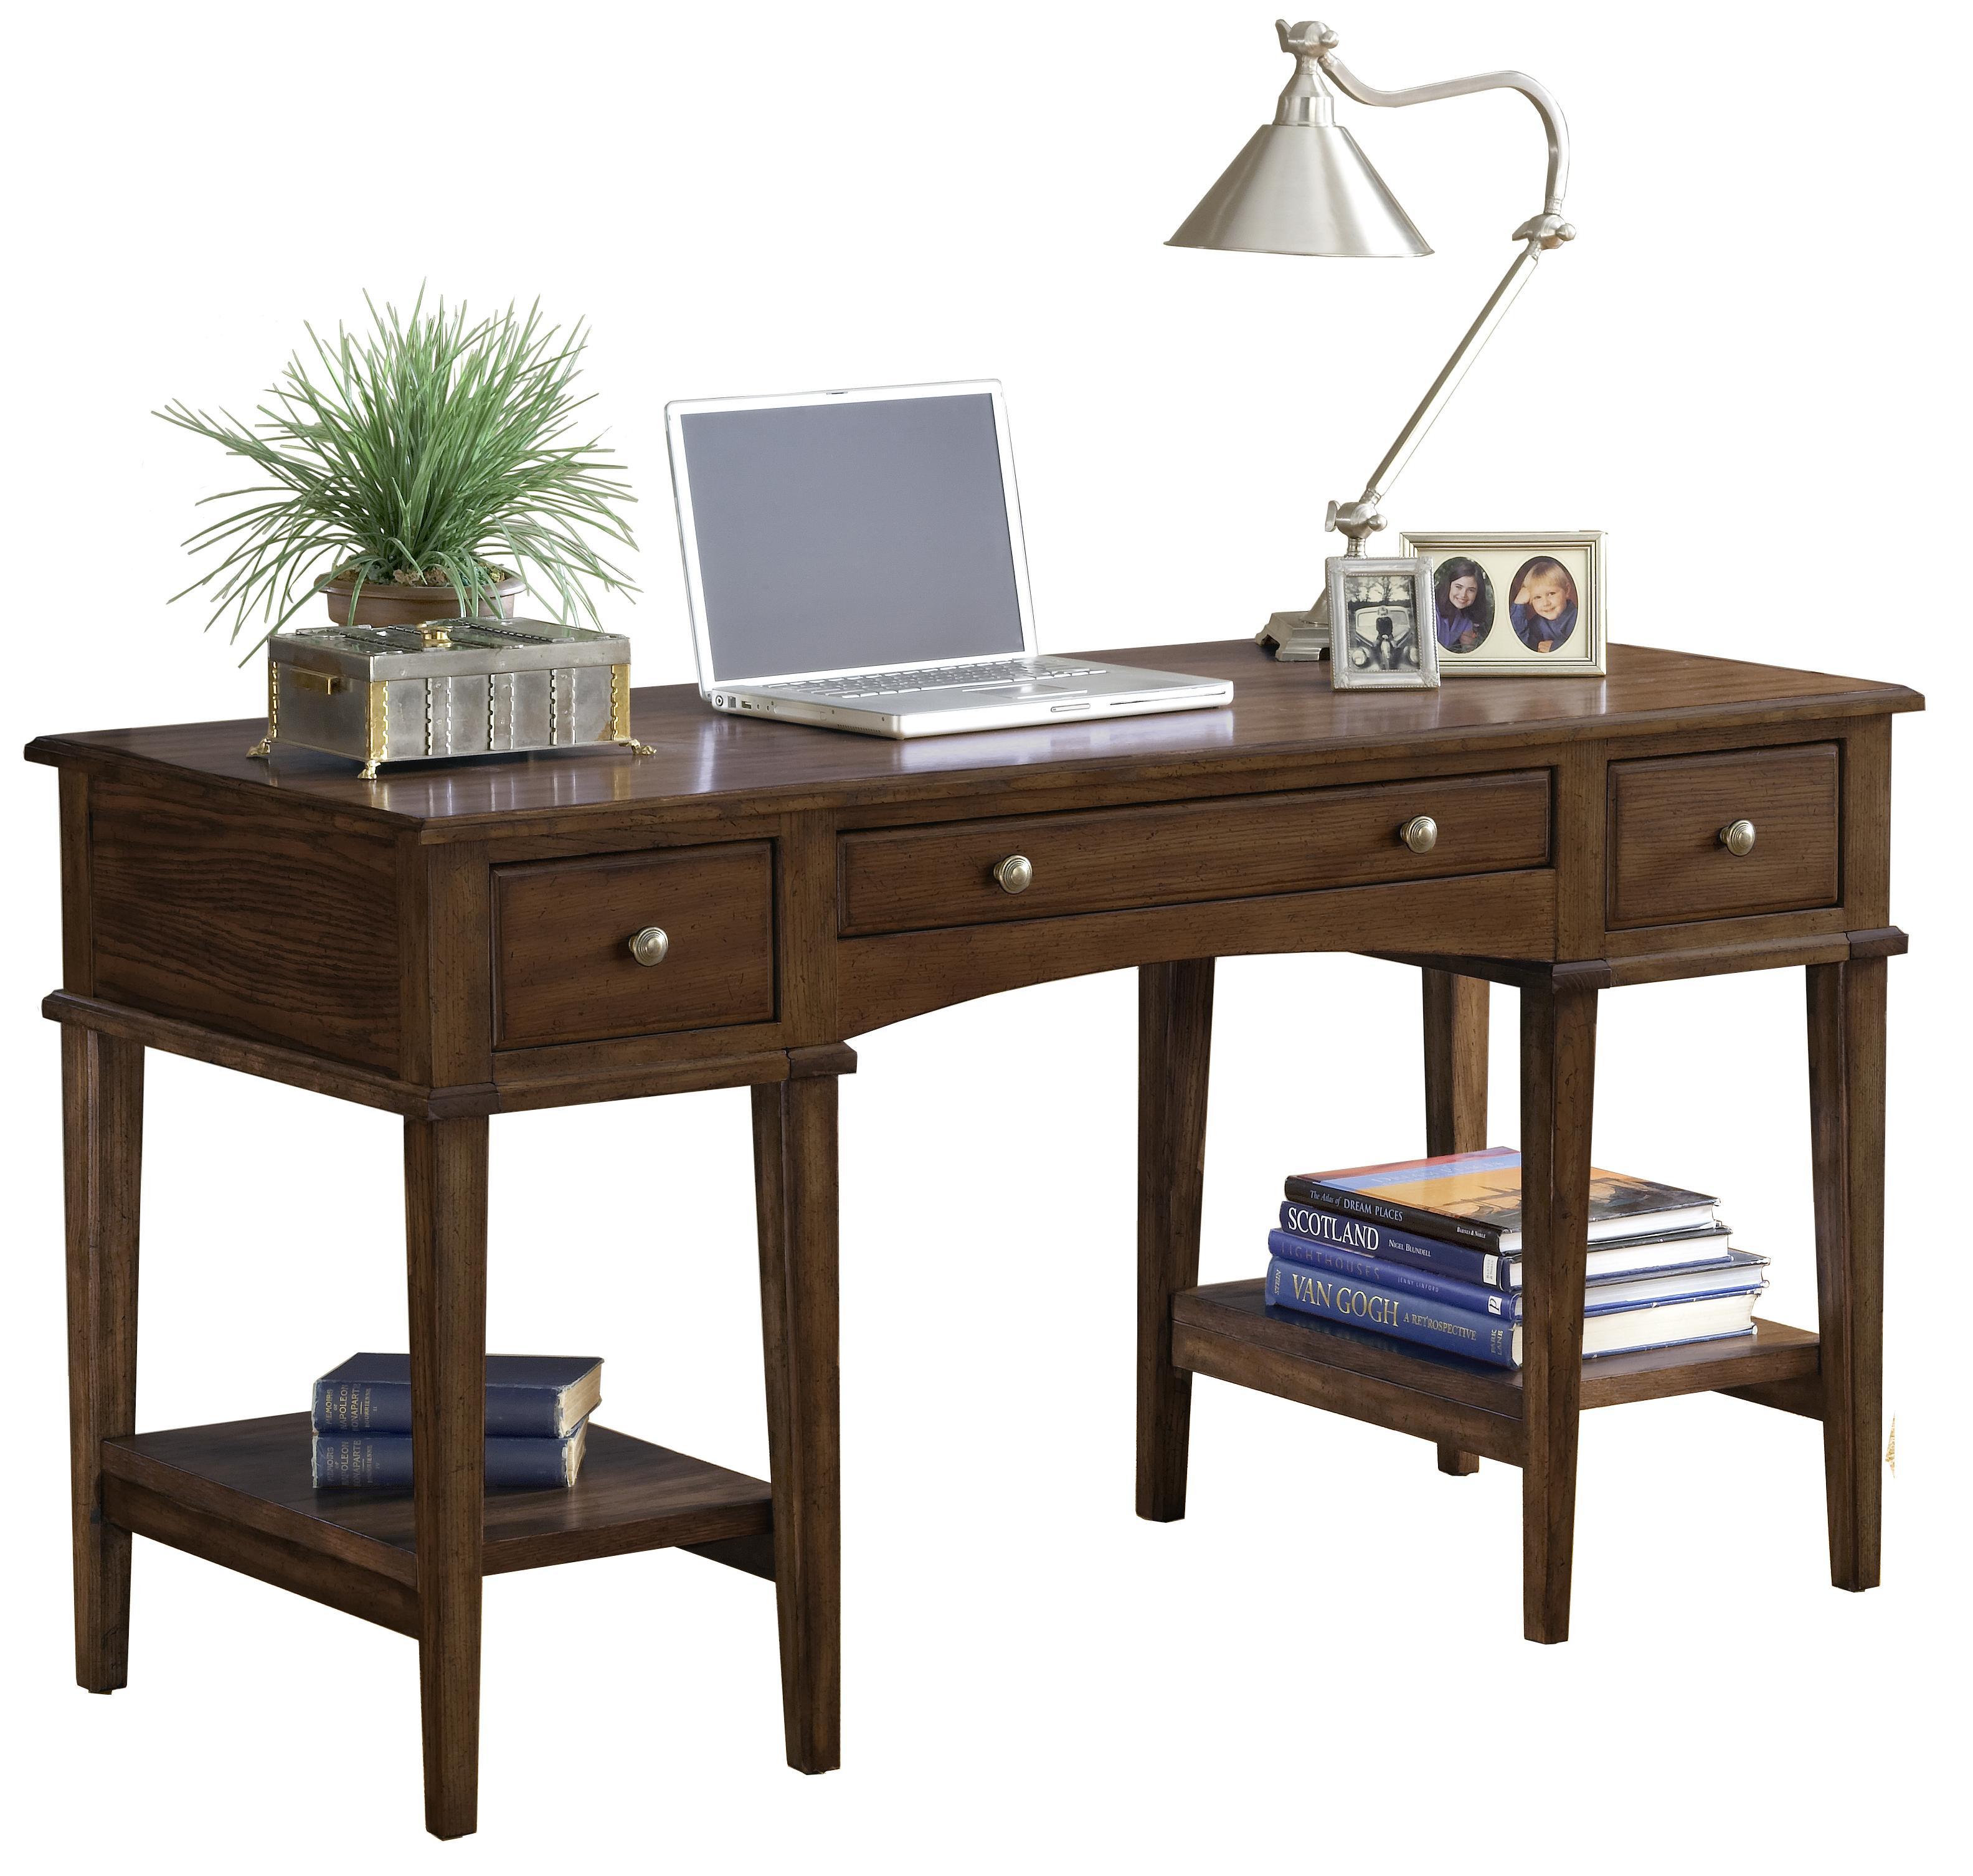 Hillsdale Gresham Desk - Item Number: 4379-861